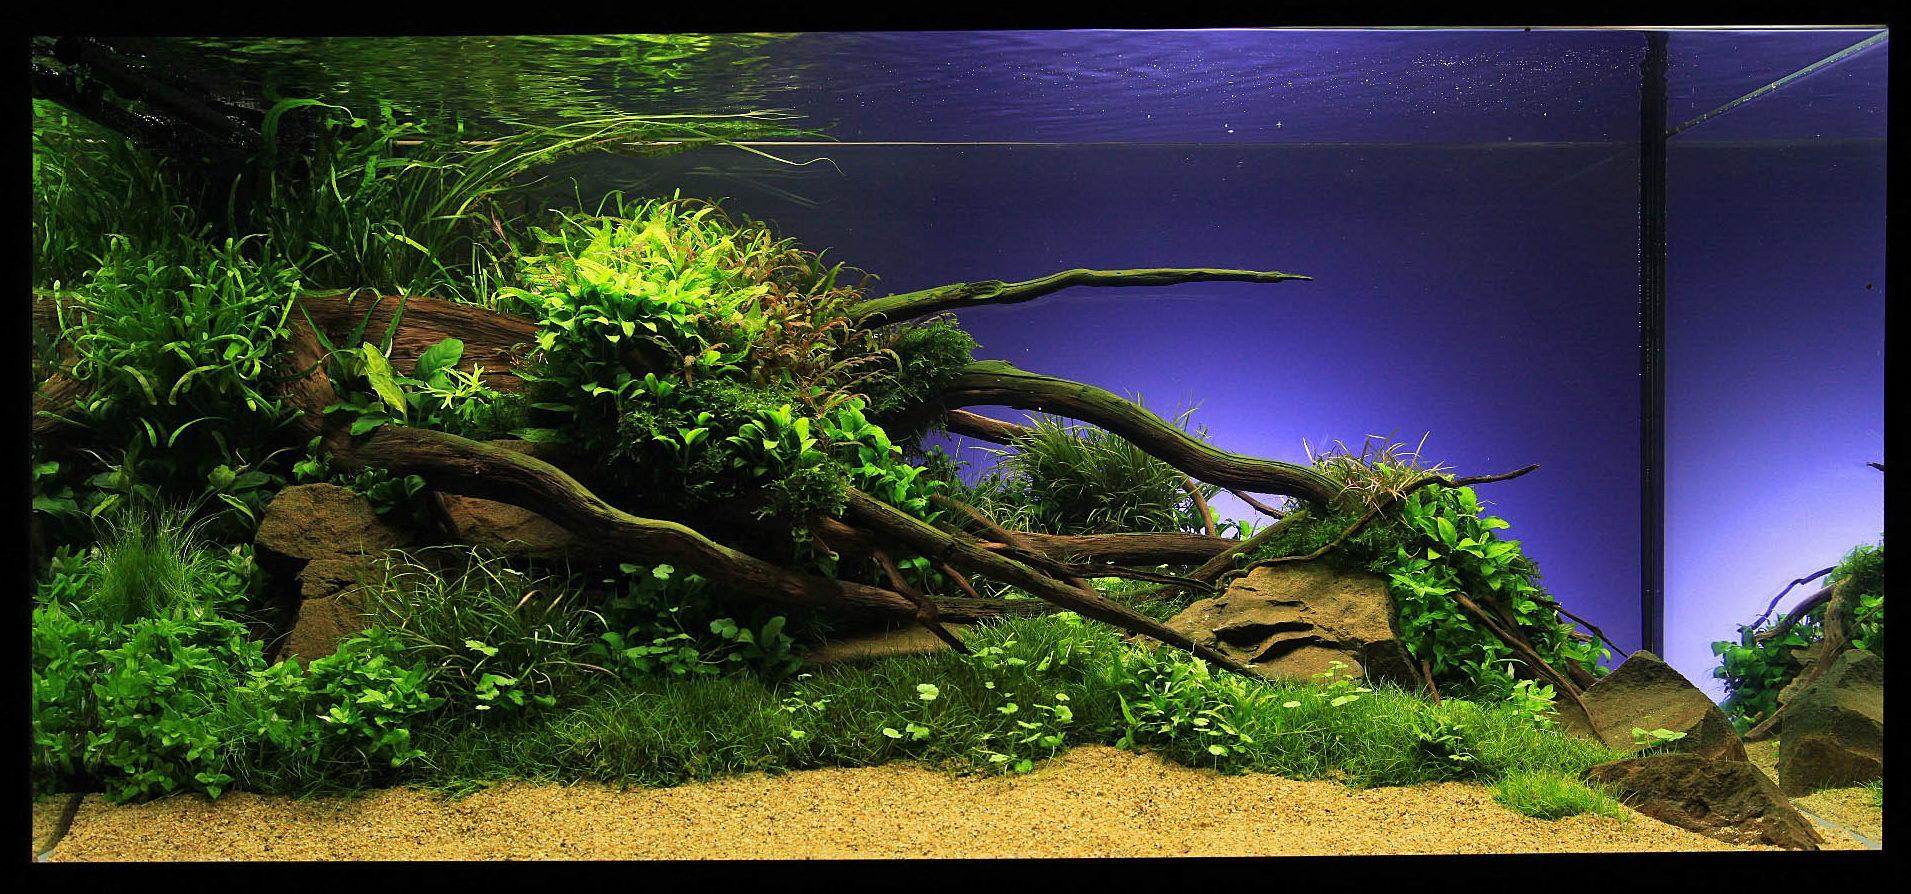 Marcel Dykierek Und Das Aquascaping Aqua Rebell